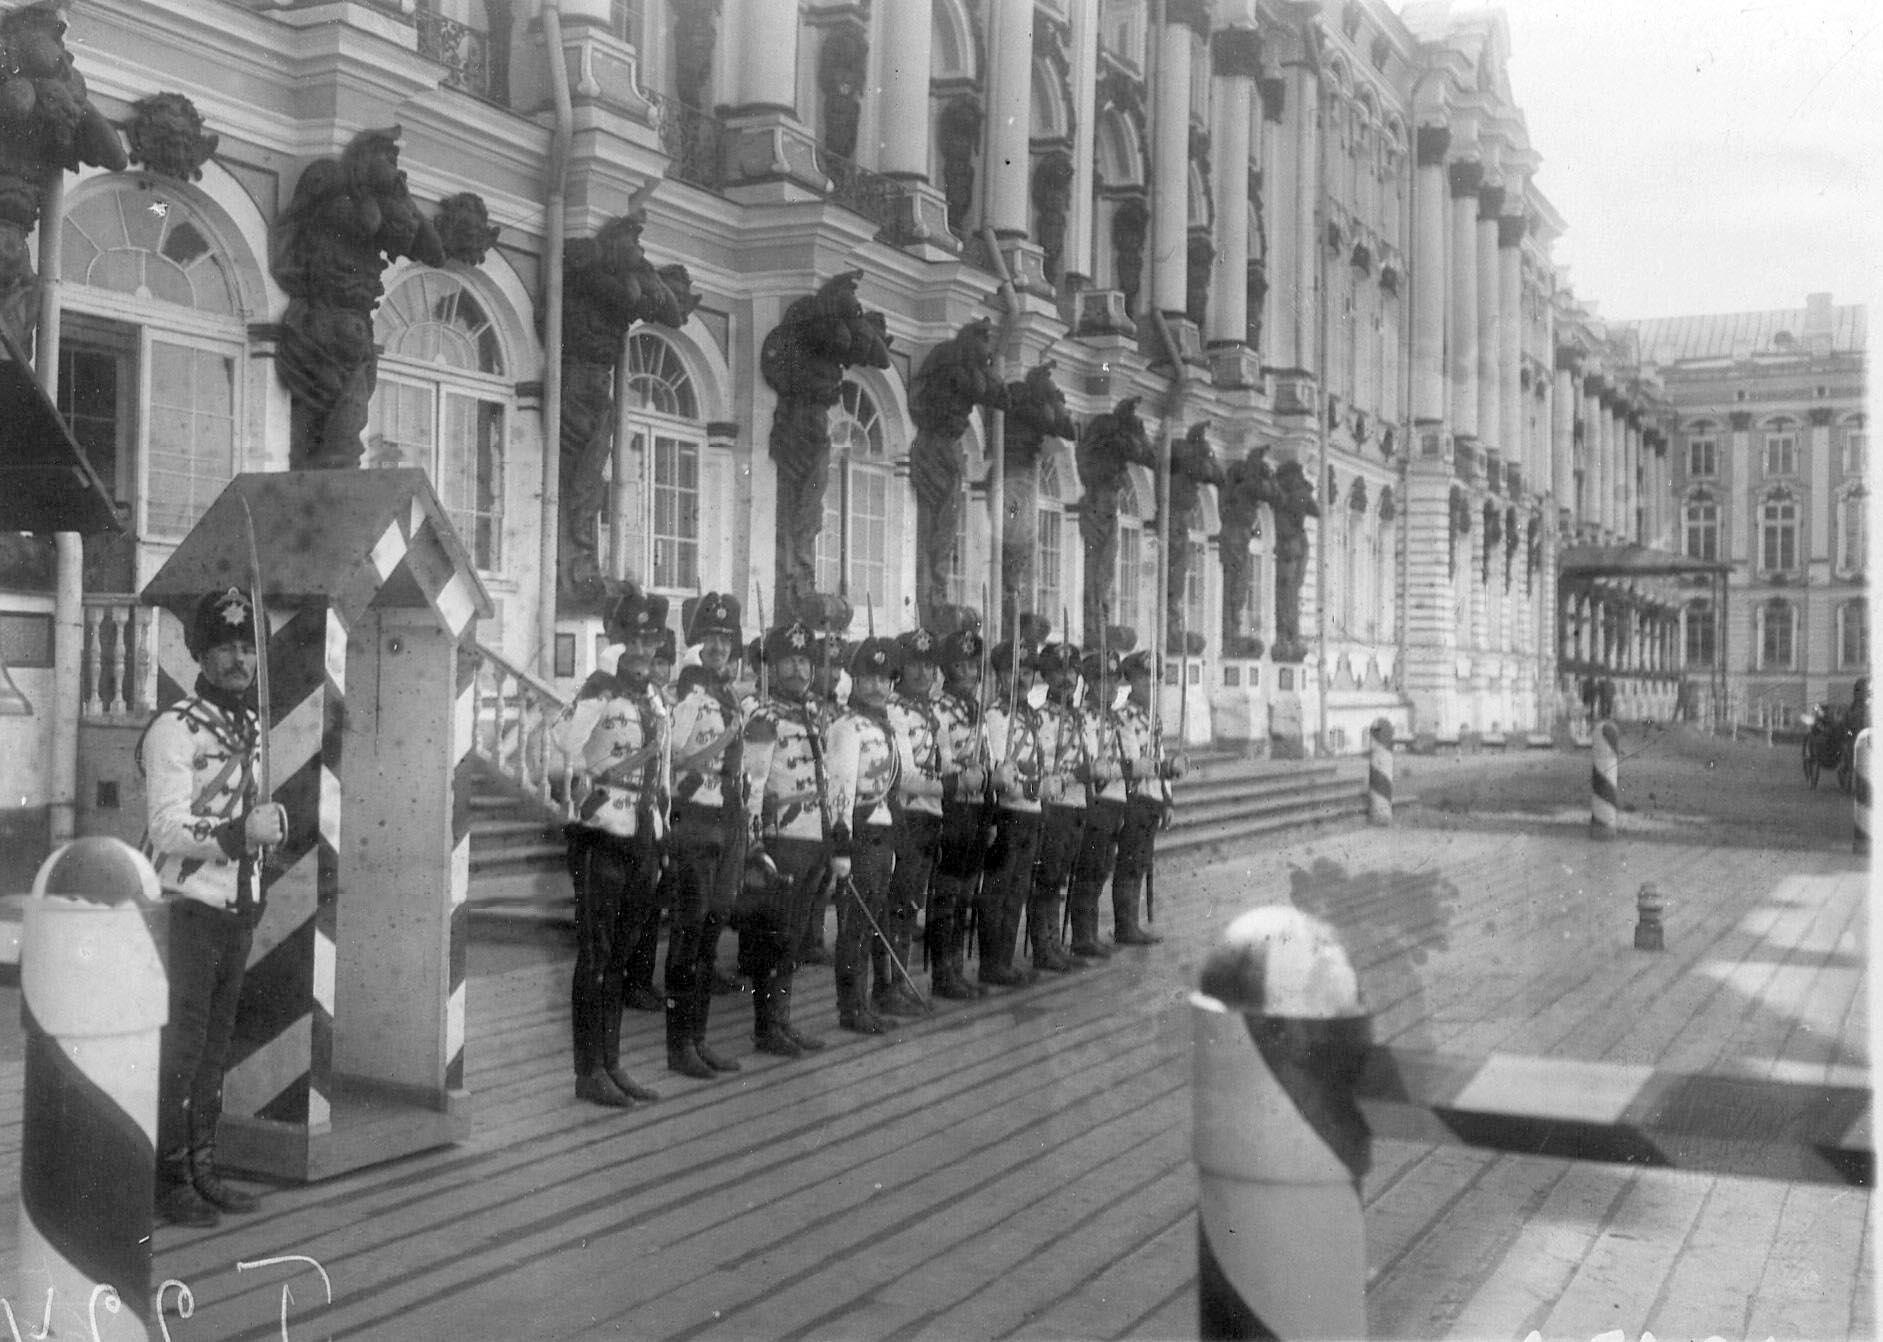 1905. Развод караула полка на плацу перед Екатерининским дворцом. 21 апреля